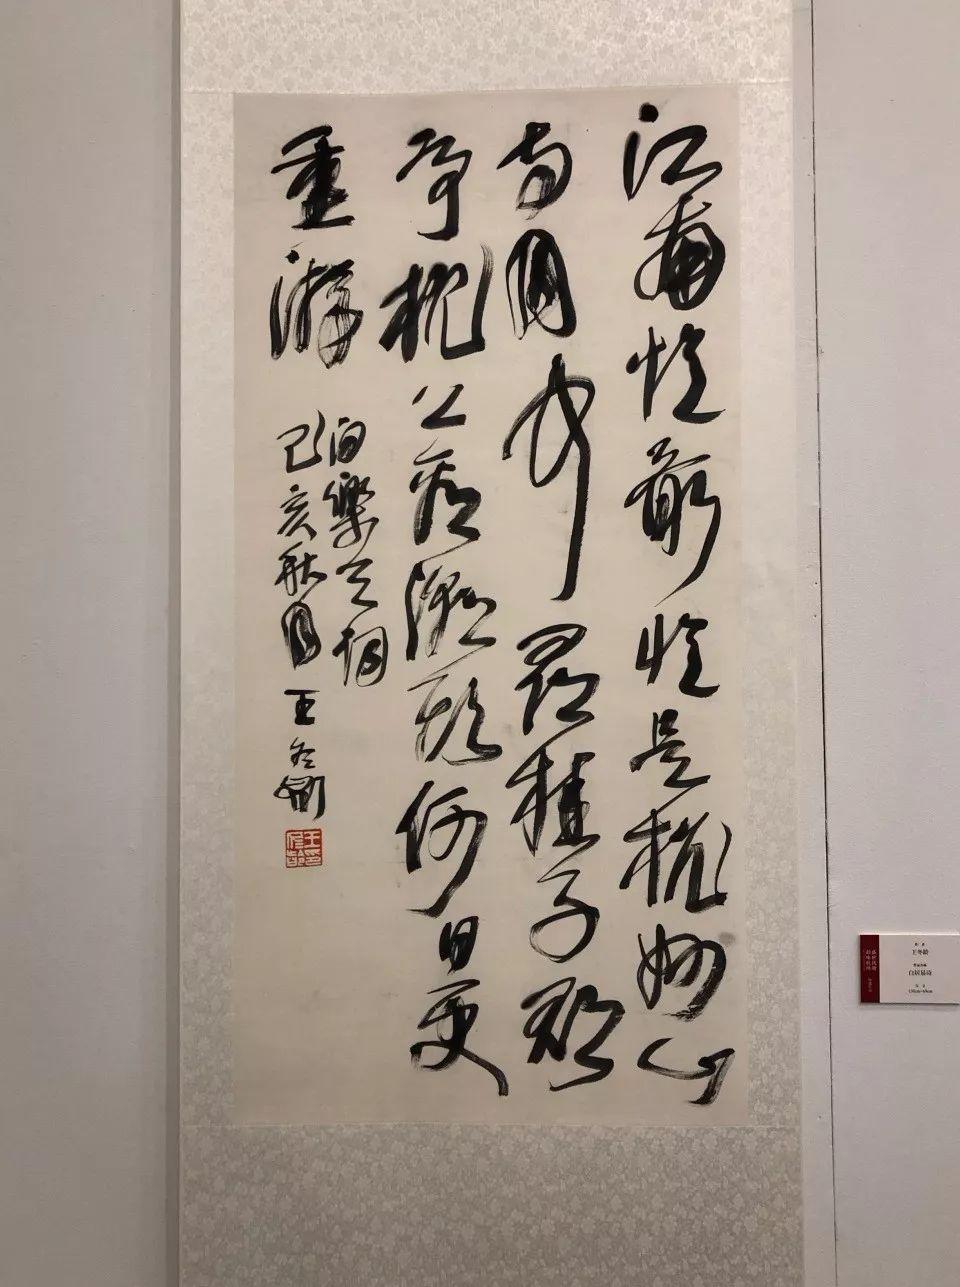 盛世钱塘 韵味杭州 庆祝中华人民共和国成立70周年 诗书画印展在杭开幕